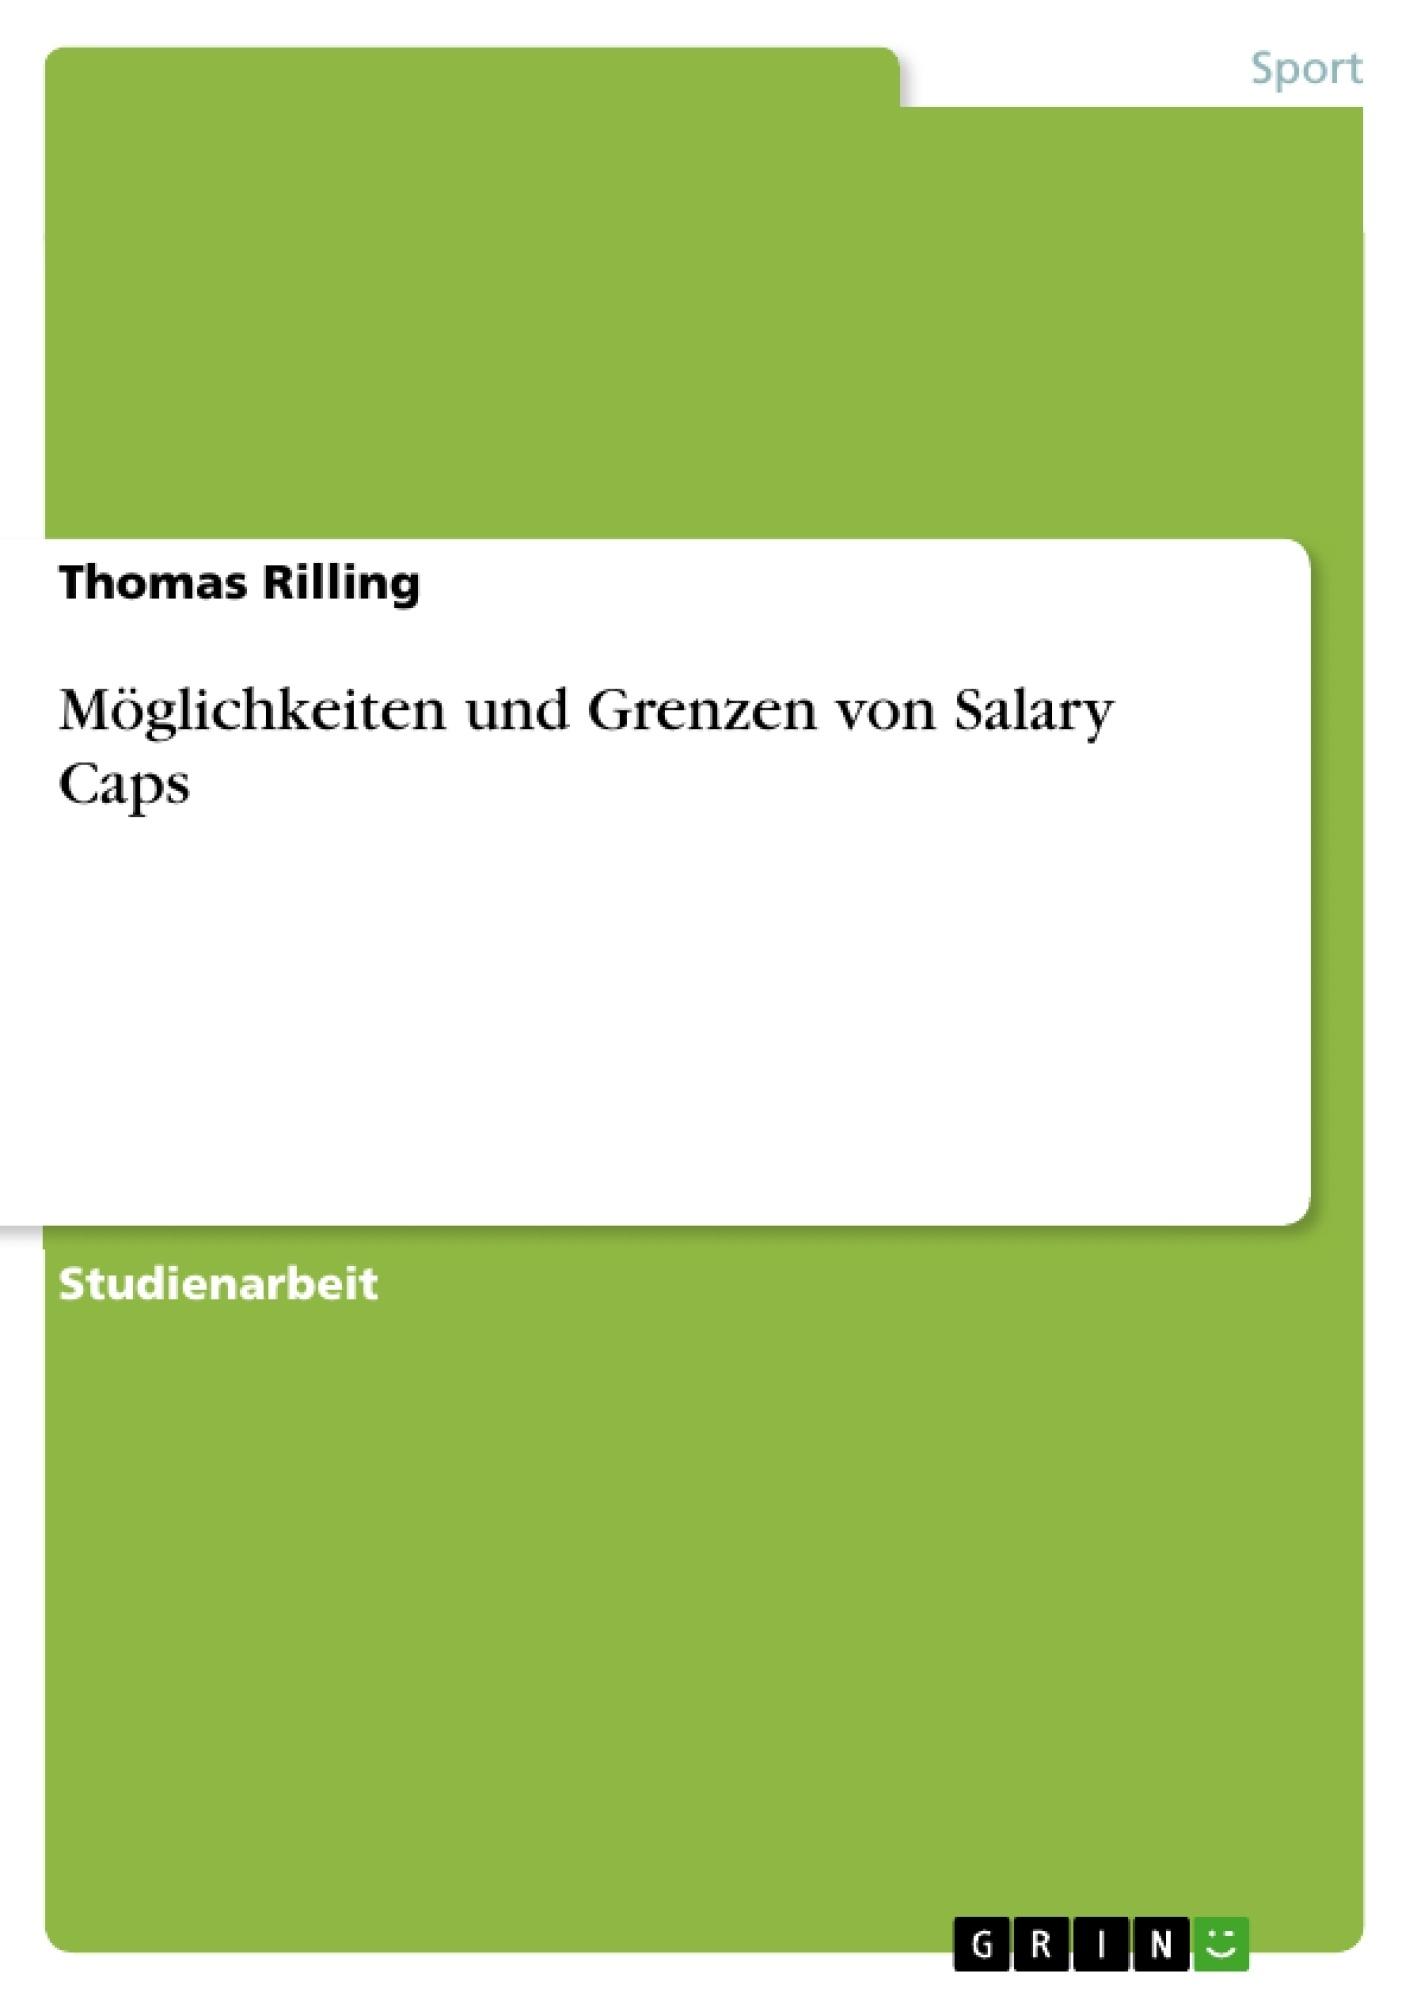 Titel: Möglichkeiten und Grenzen von Salary Caps